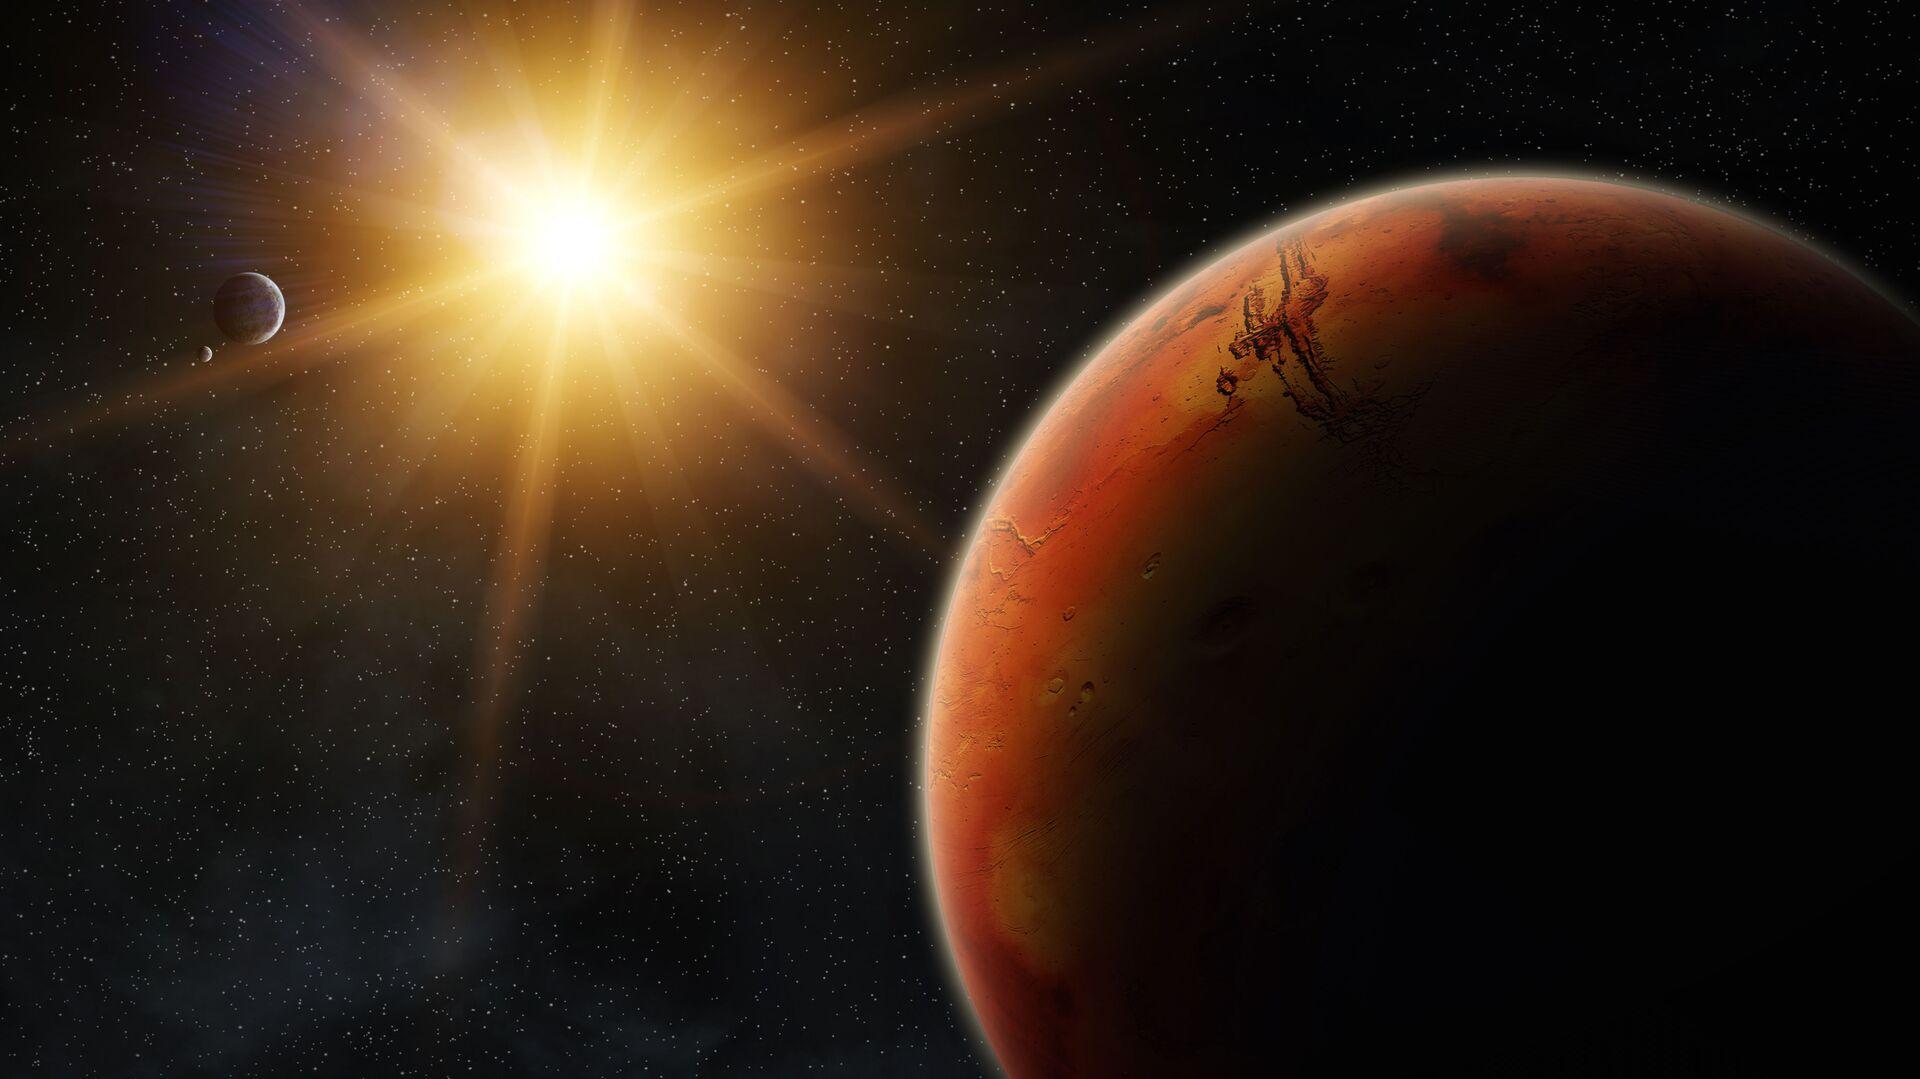 Марс во время восхода солнца - РИА Новости, 1920, 27.11.2020